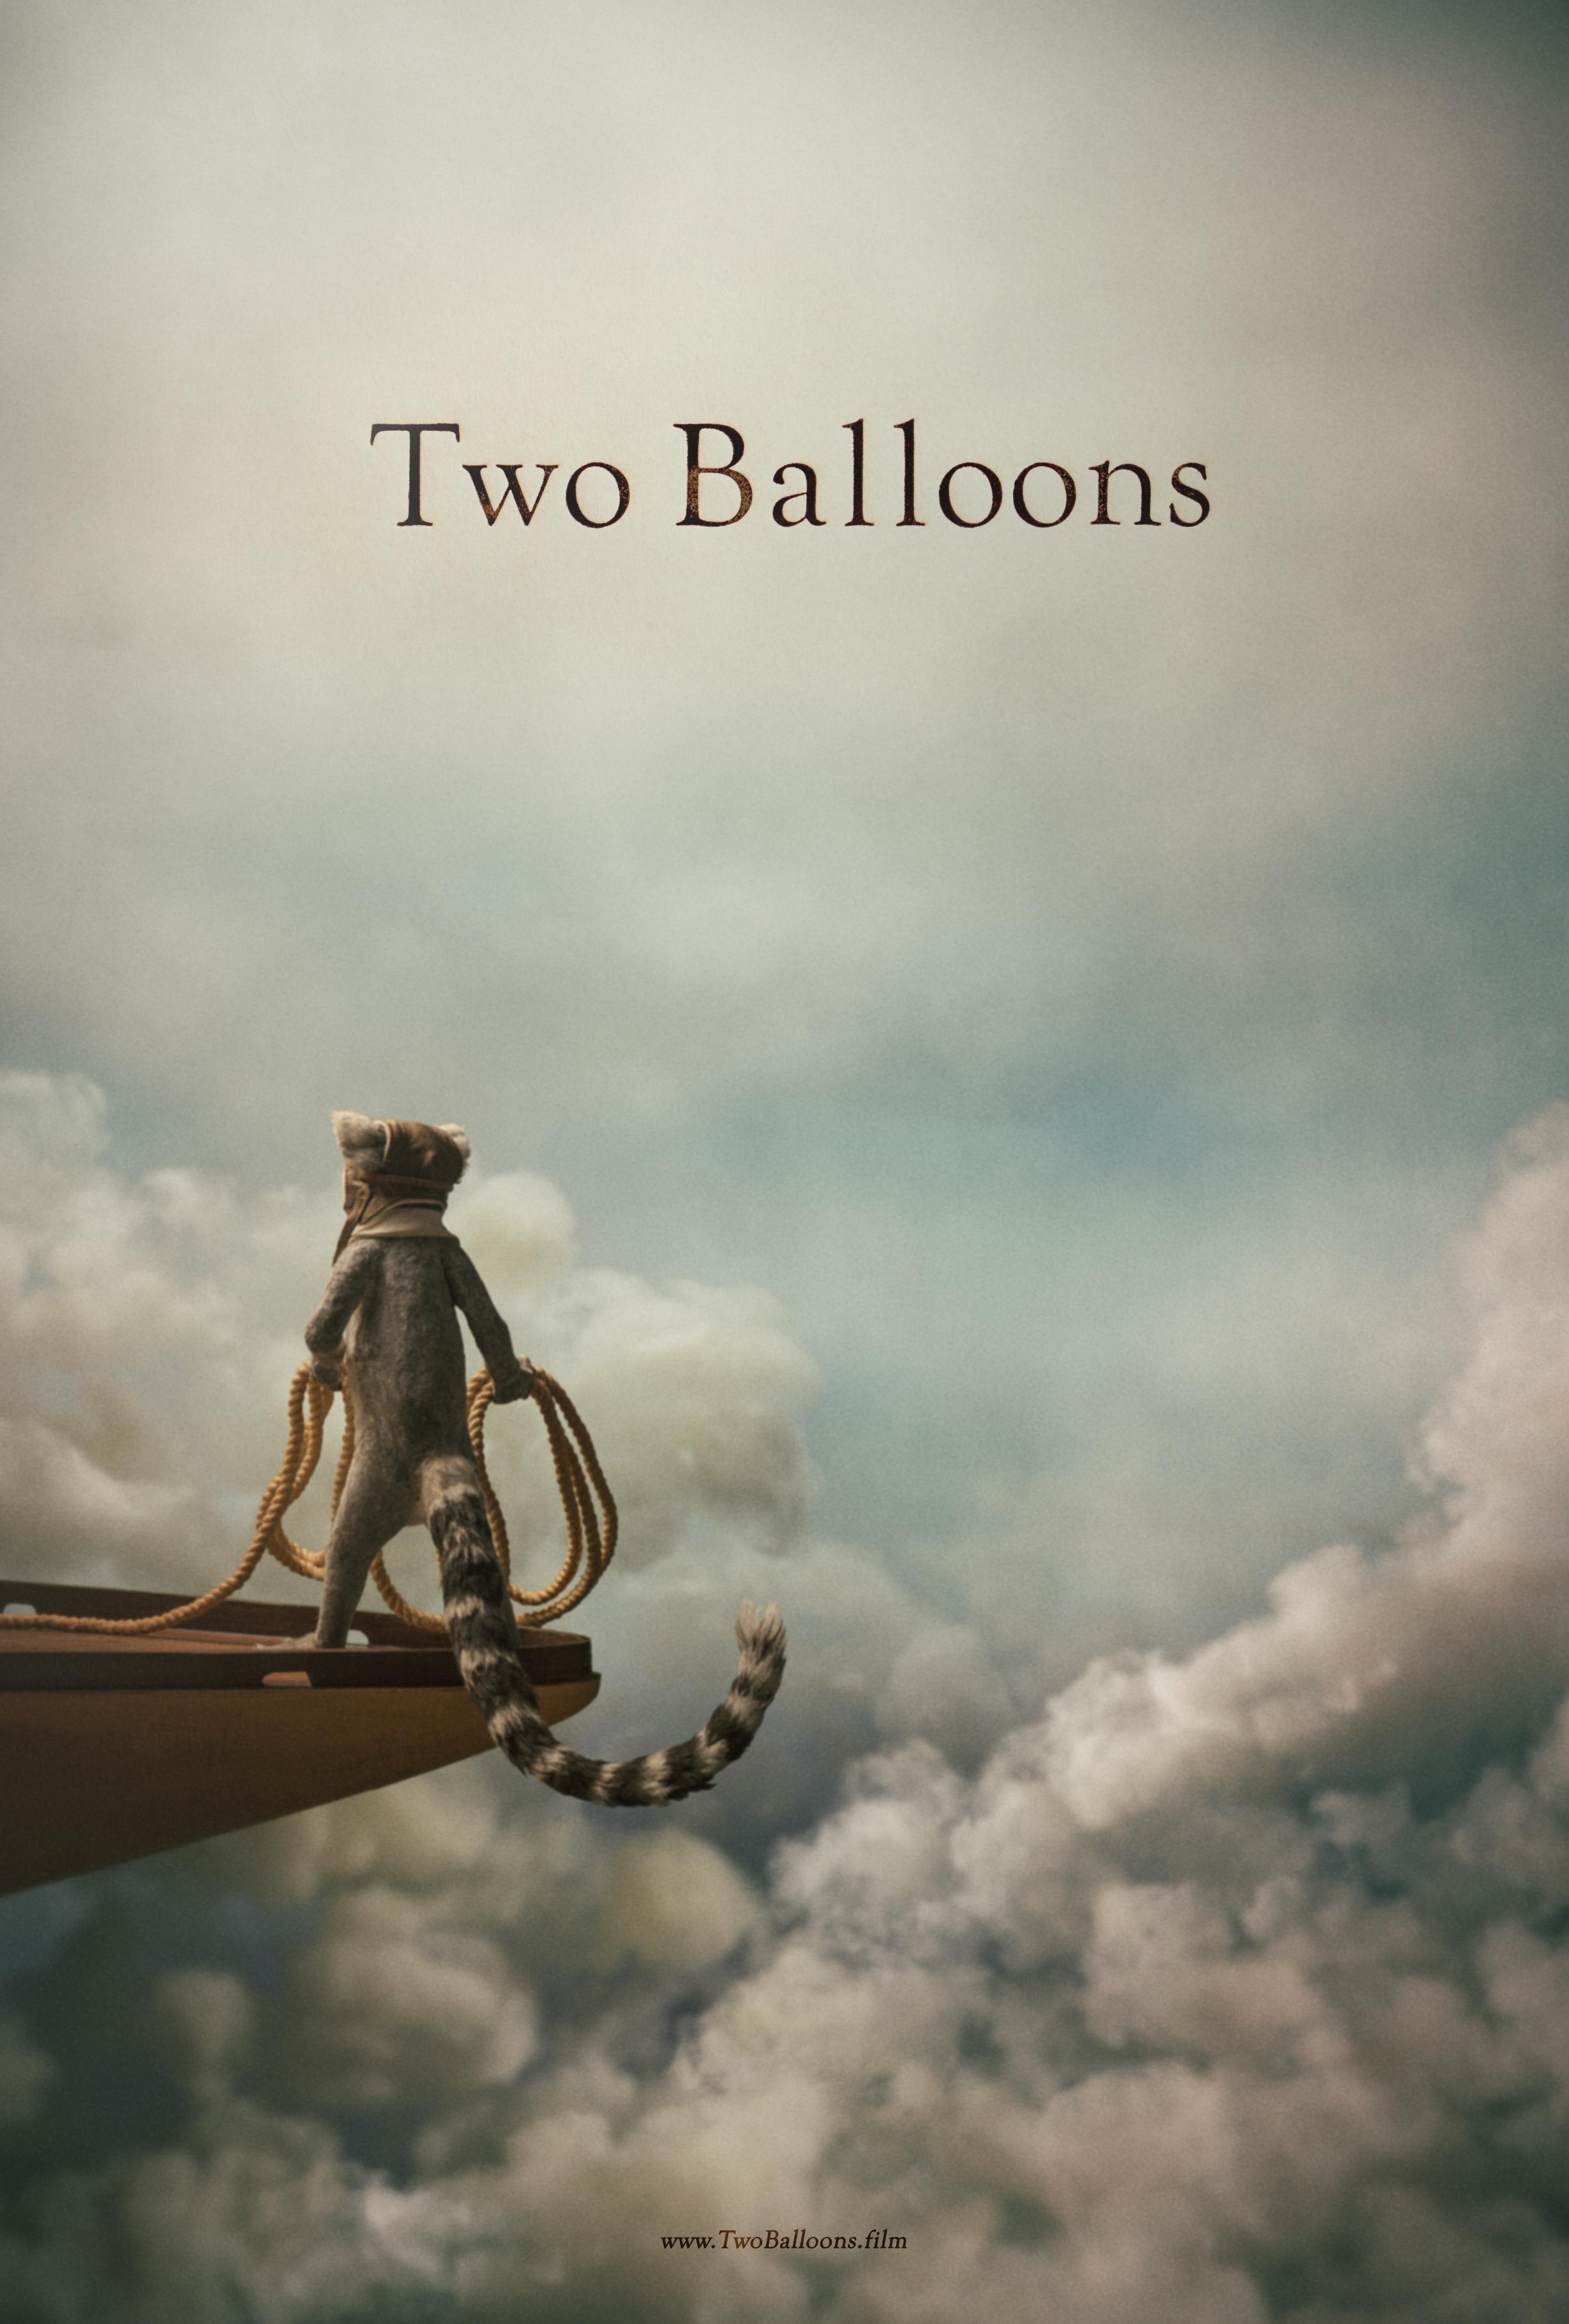 TwoBalloons_poster (1).jpg